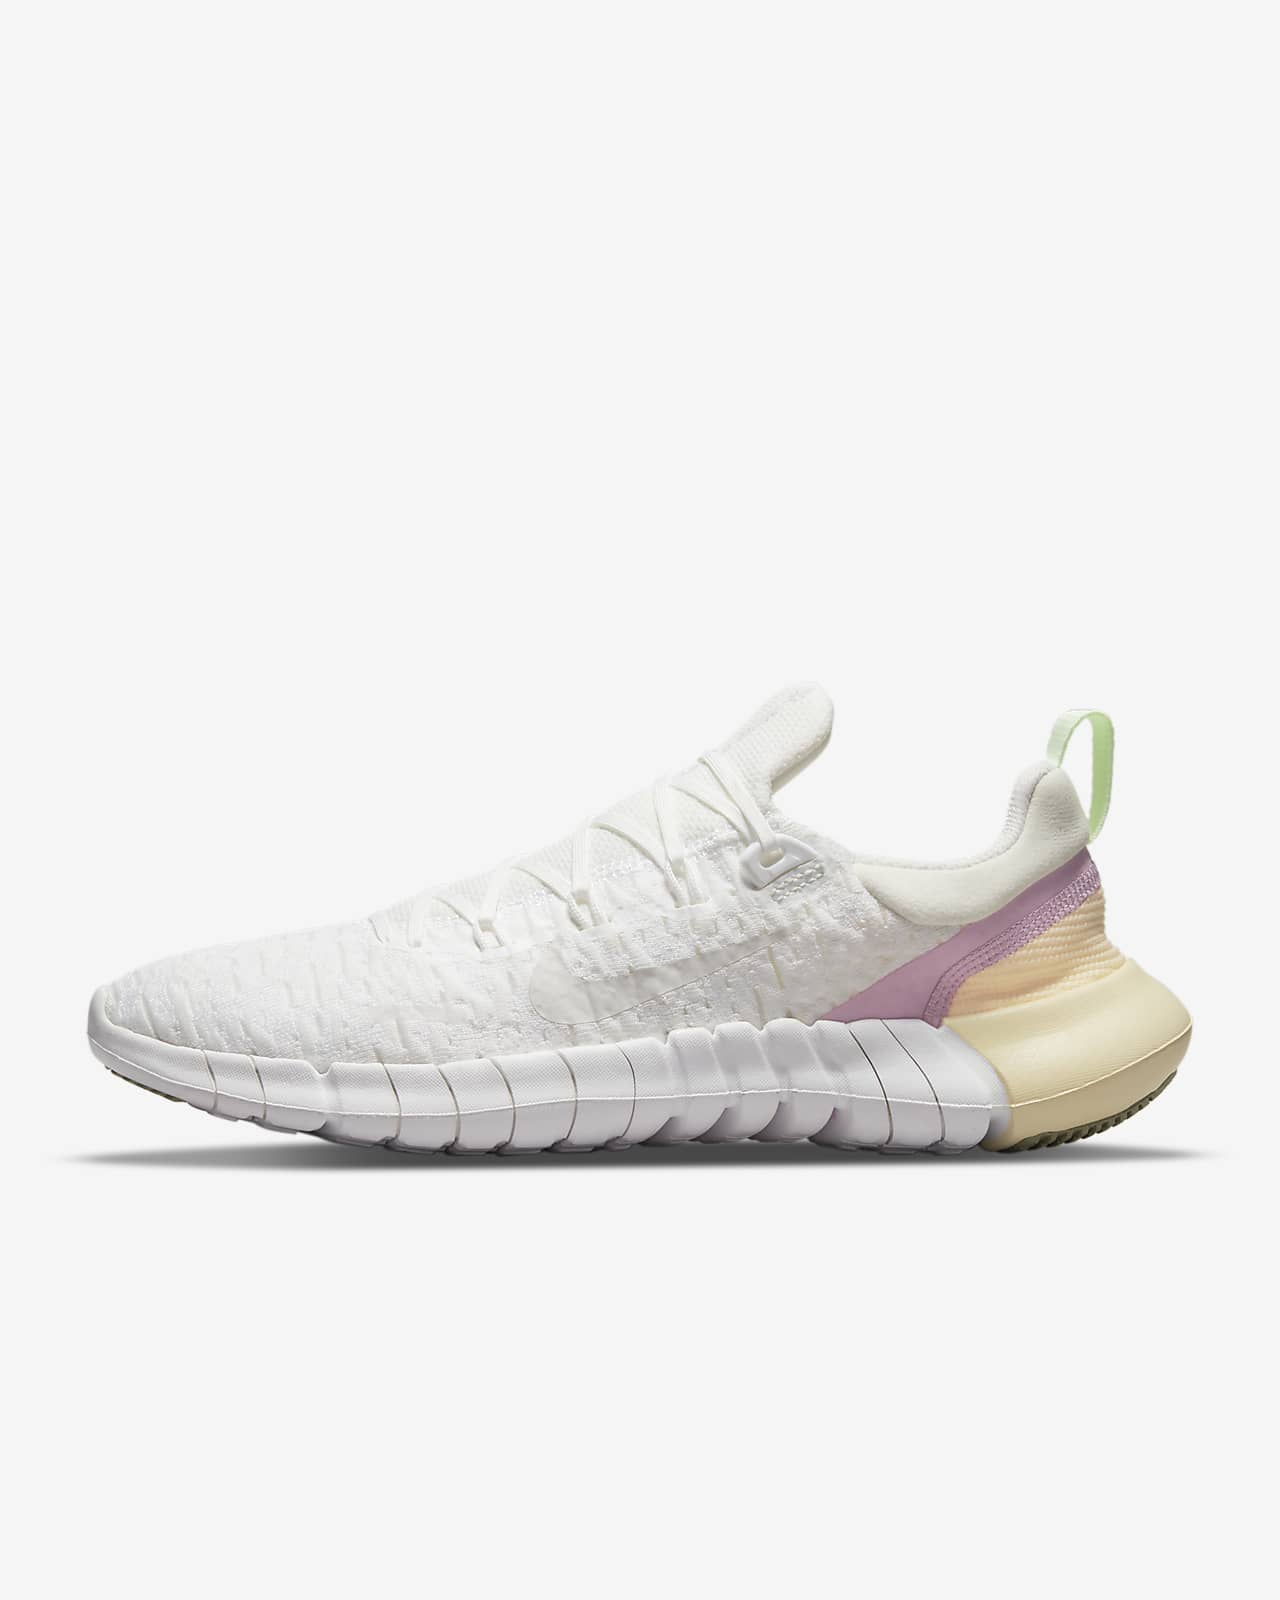 Chaussure de running Nike Free Run 5.0 pour Femme